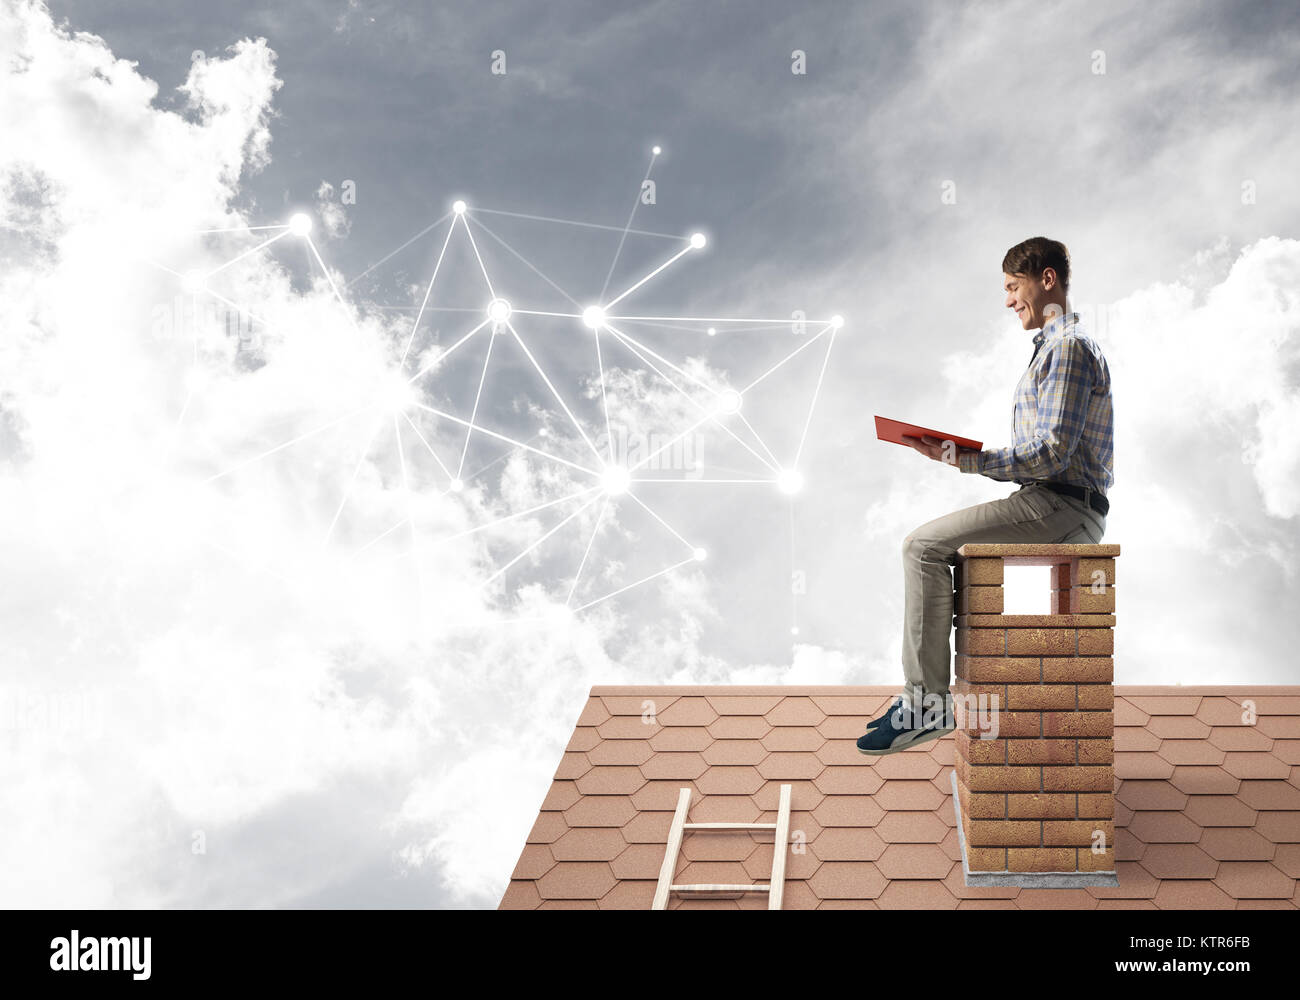 Mann auf Ziegeldach lesen Buch und Konzept der sozialen Verbindung Stockbild